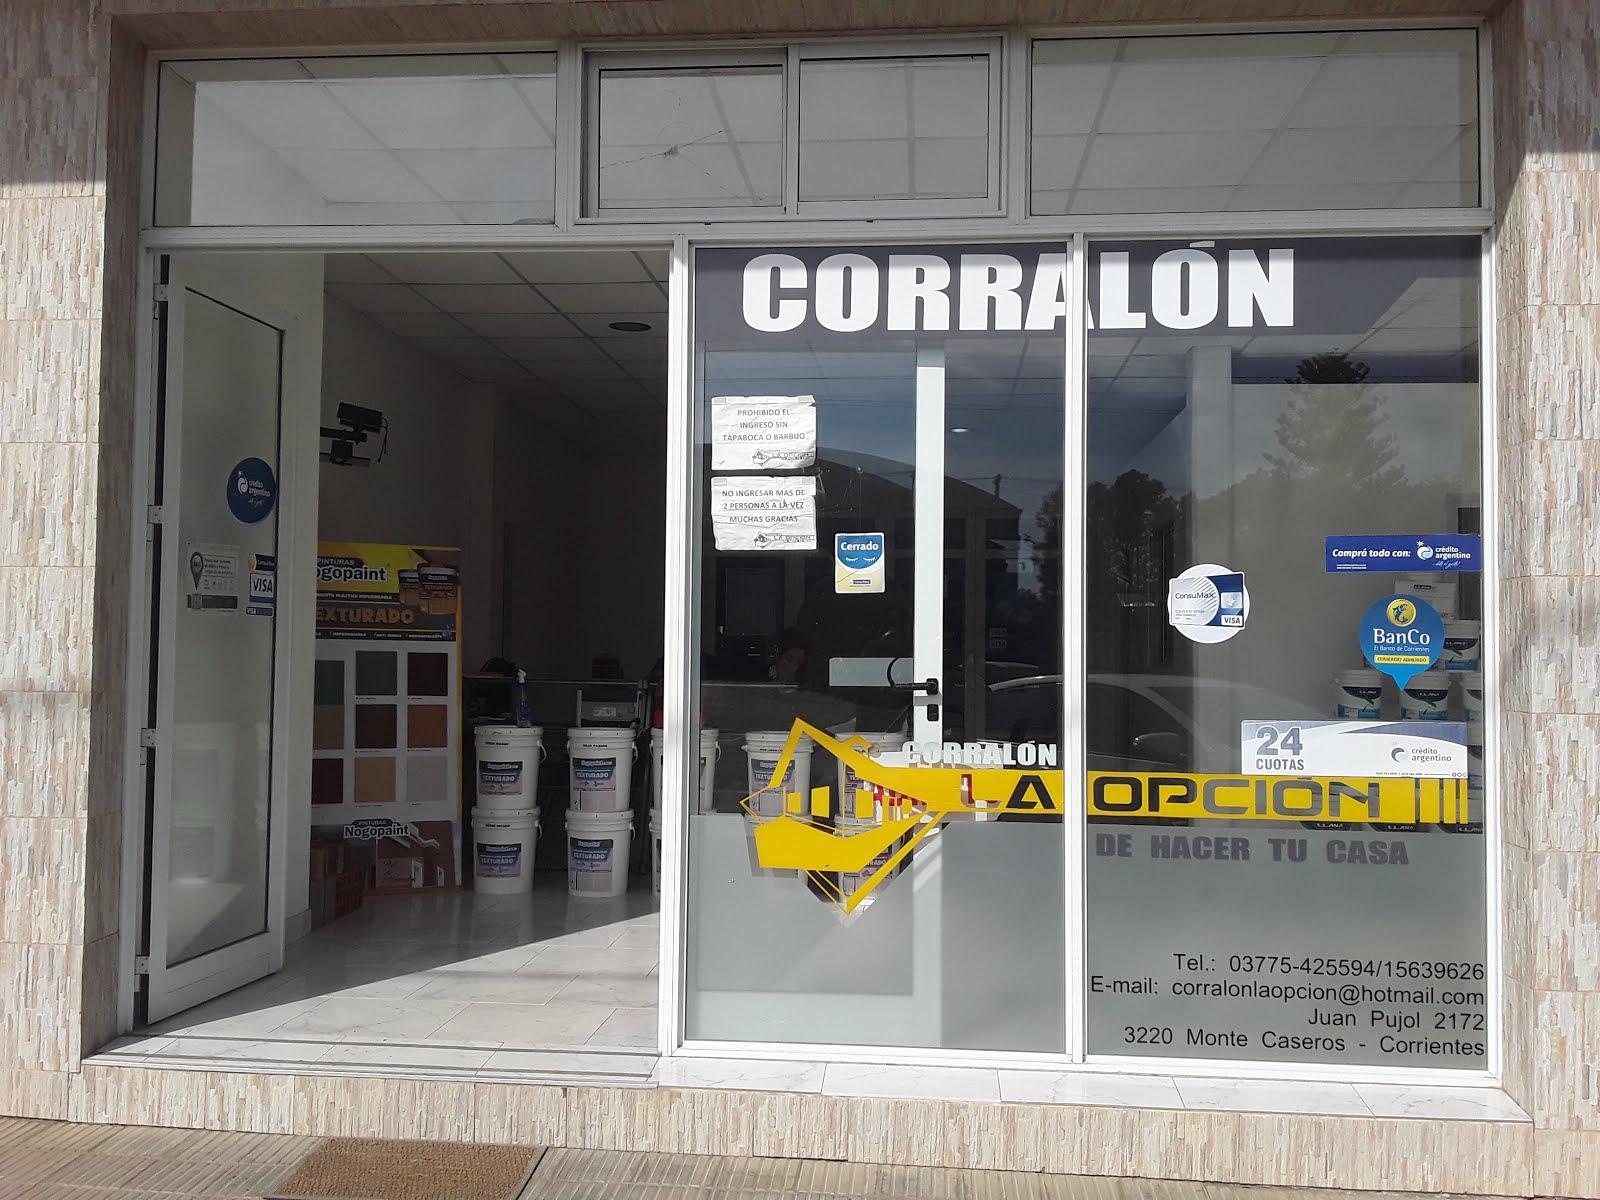 CORRALON LA OPCION